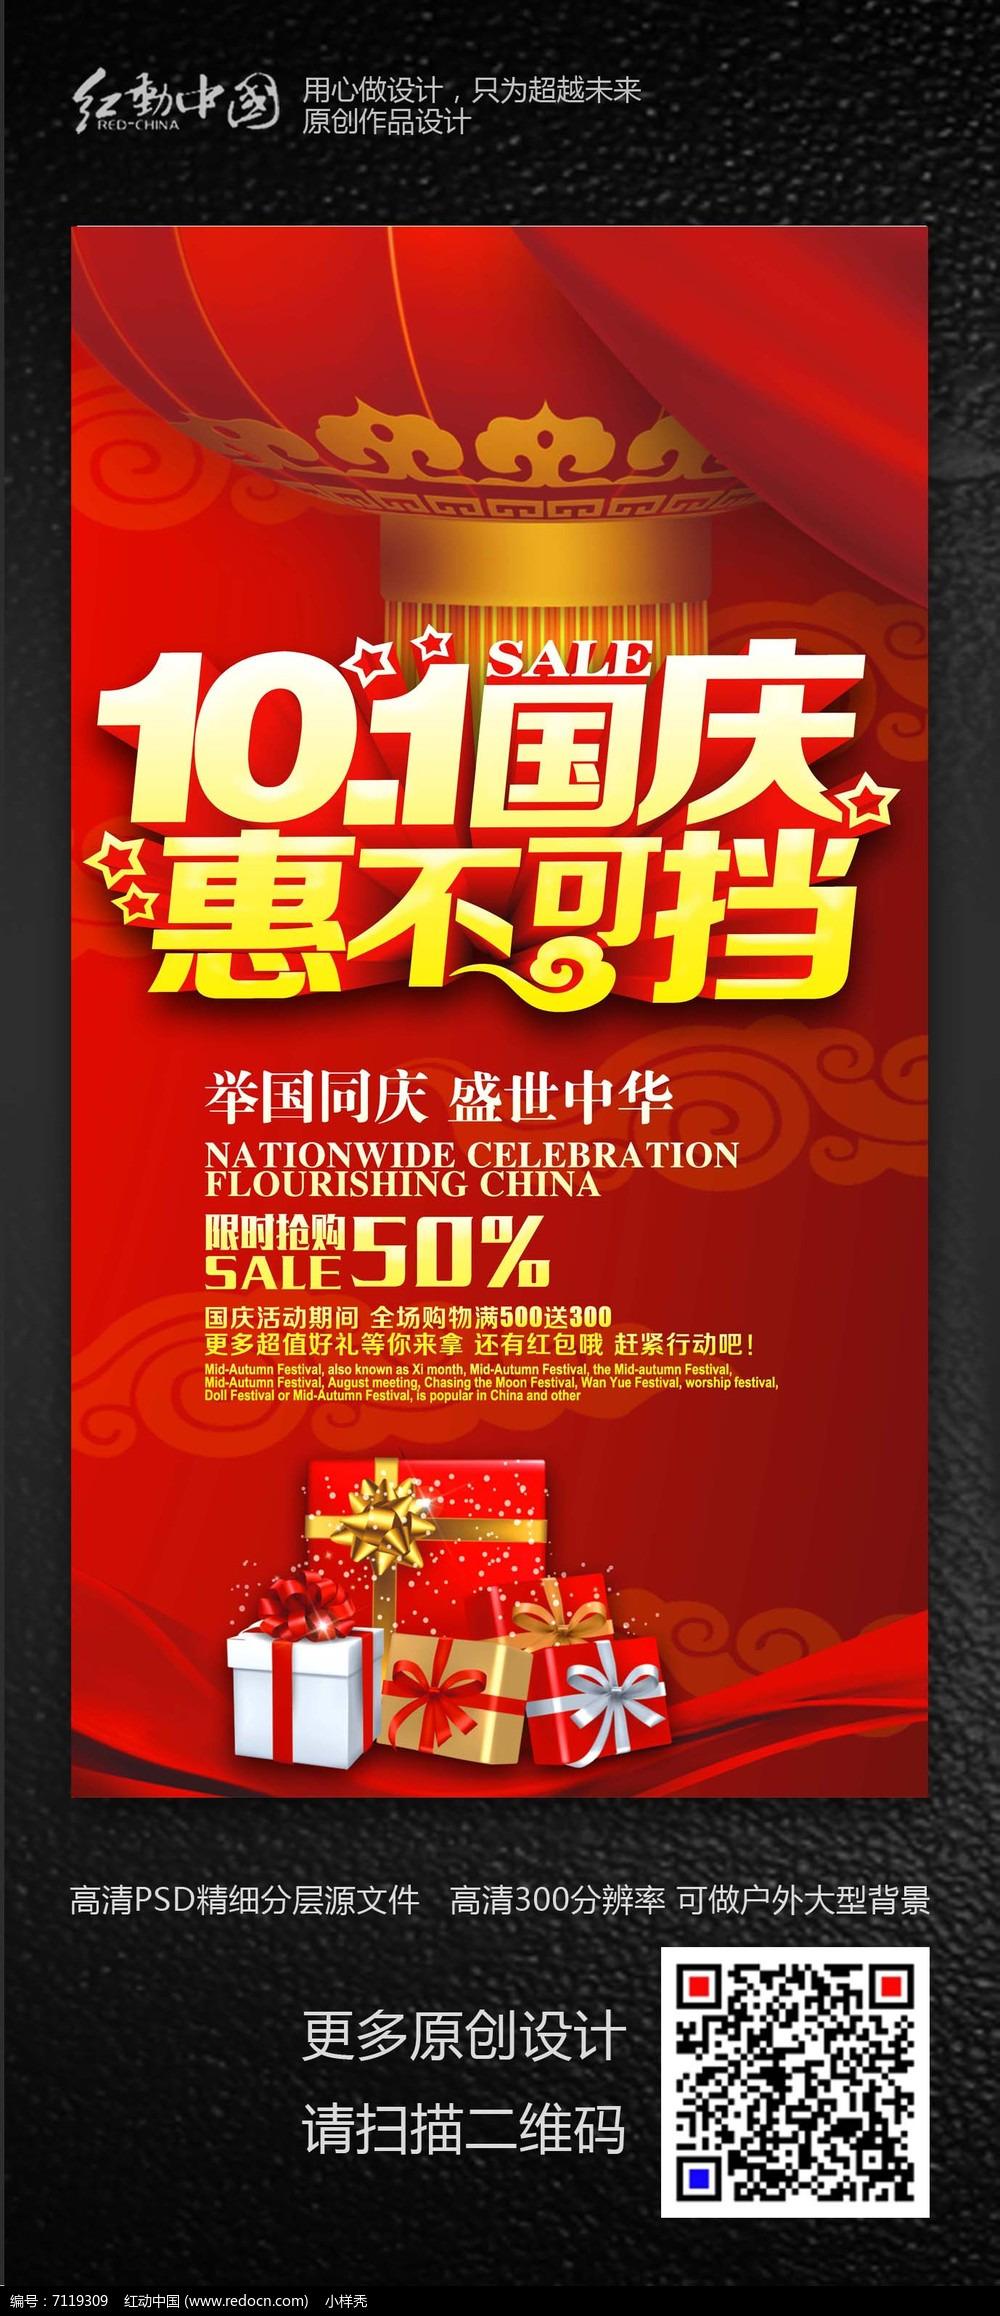 国庆节活动促销海报设计素材图片图片